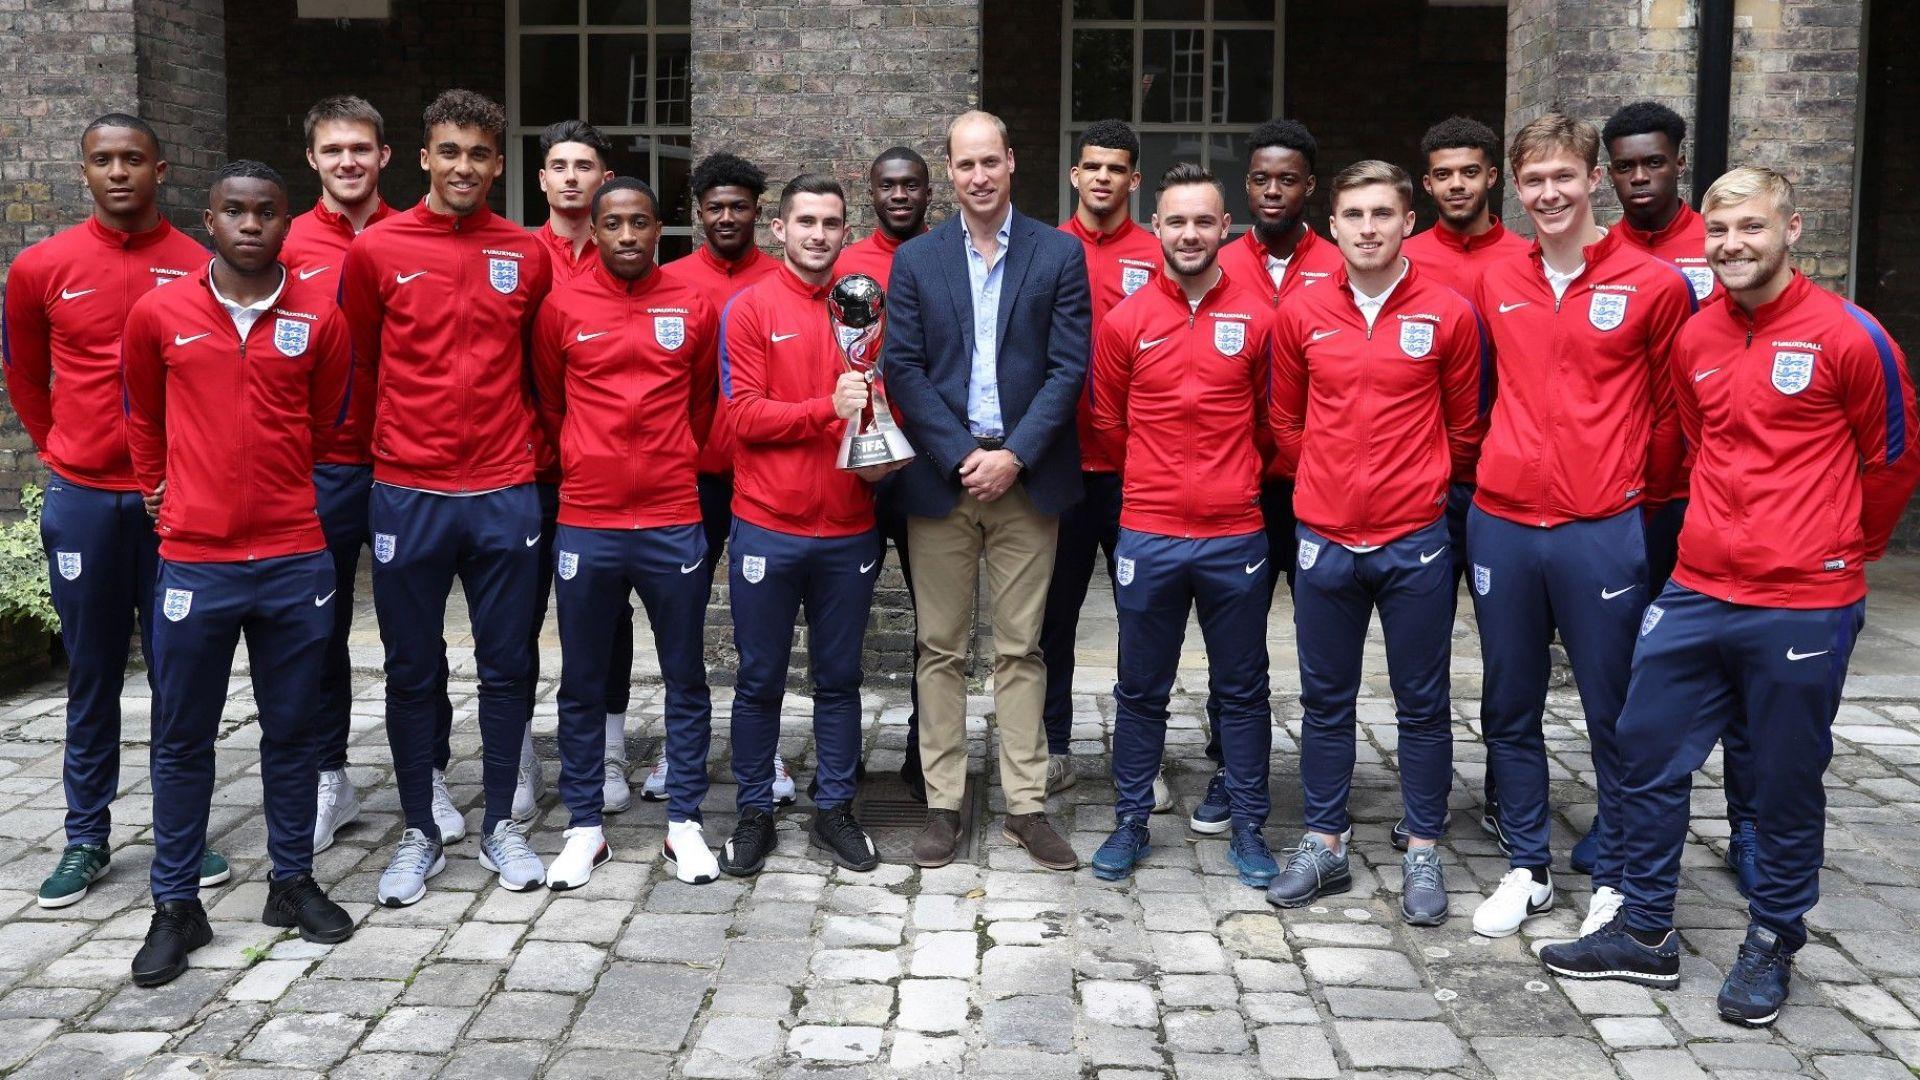 Защо Европа приютява златните деца на английския футбол?